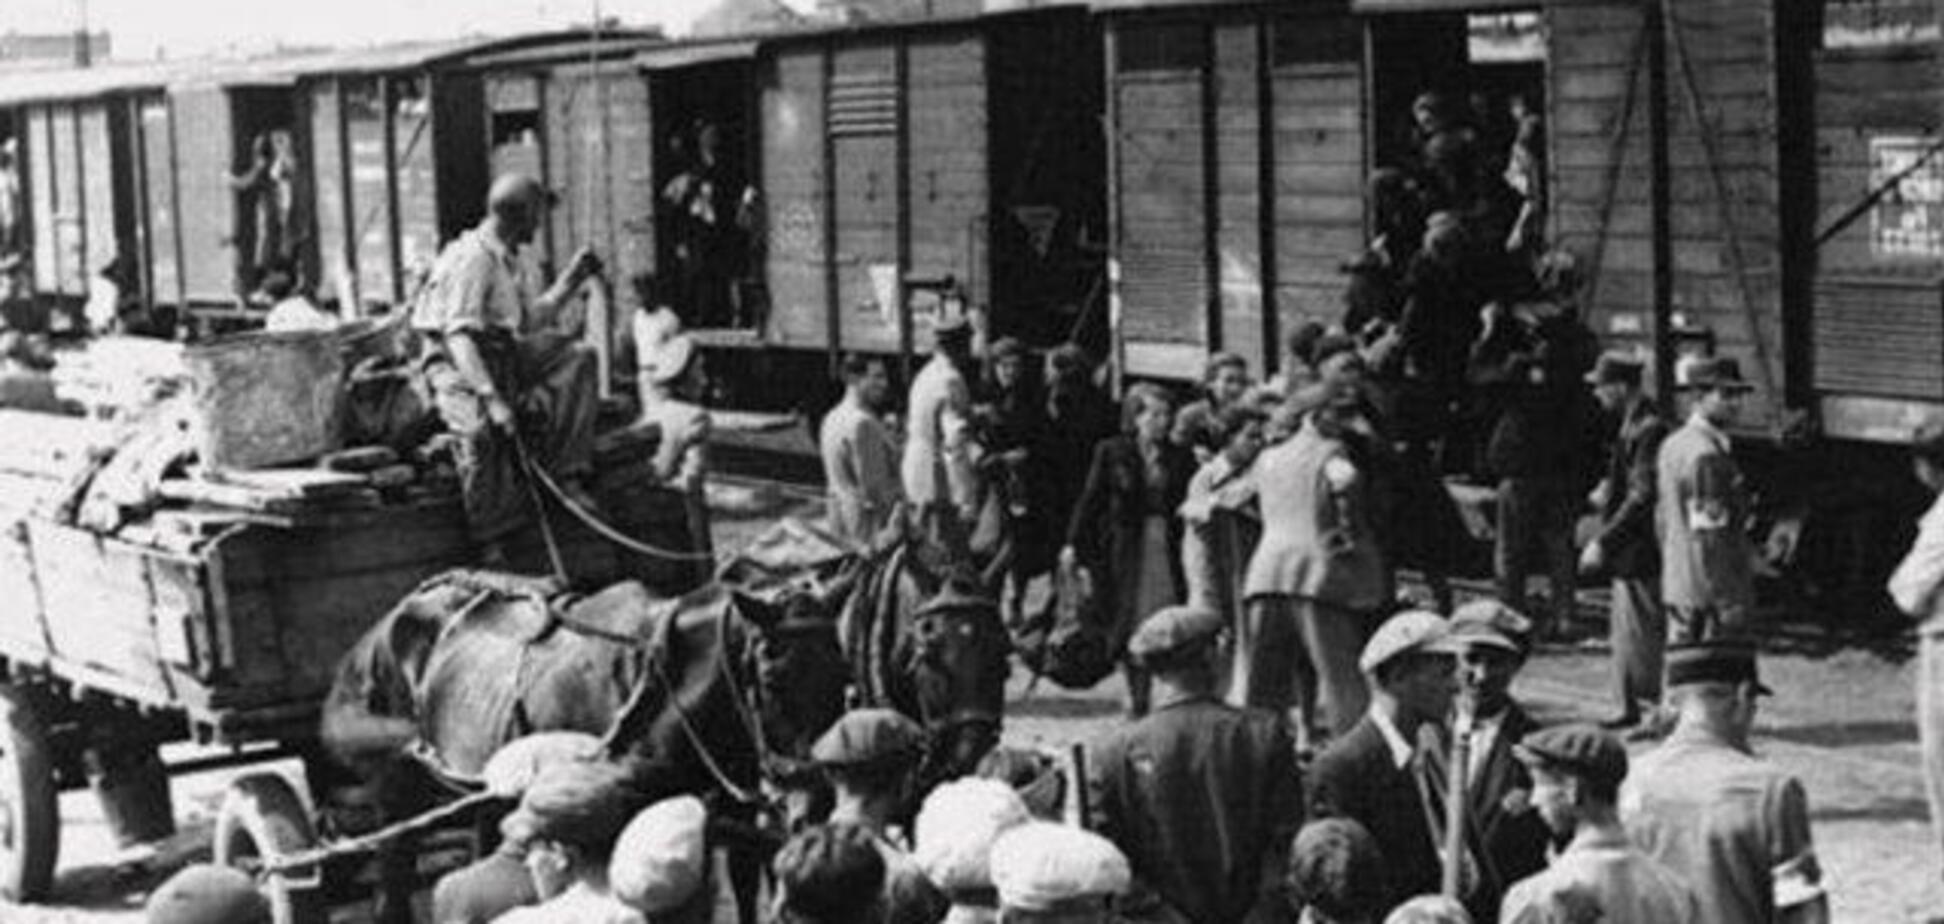 Сталинский режим совершил чудовищное преступление. Но о нем молчат